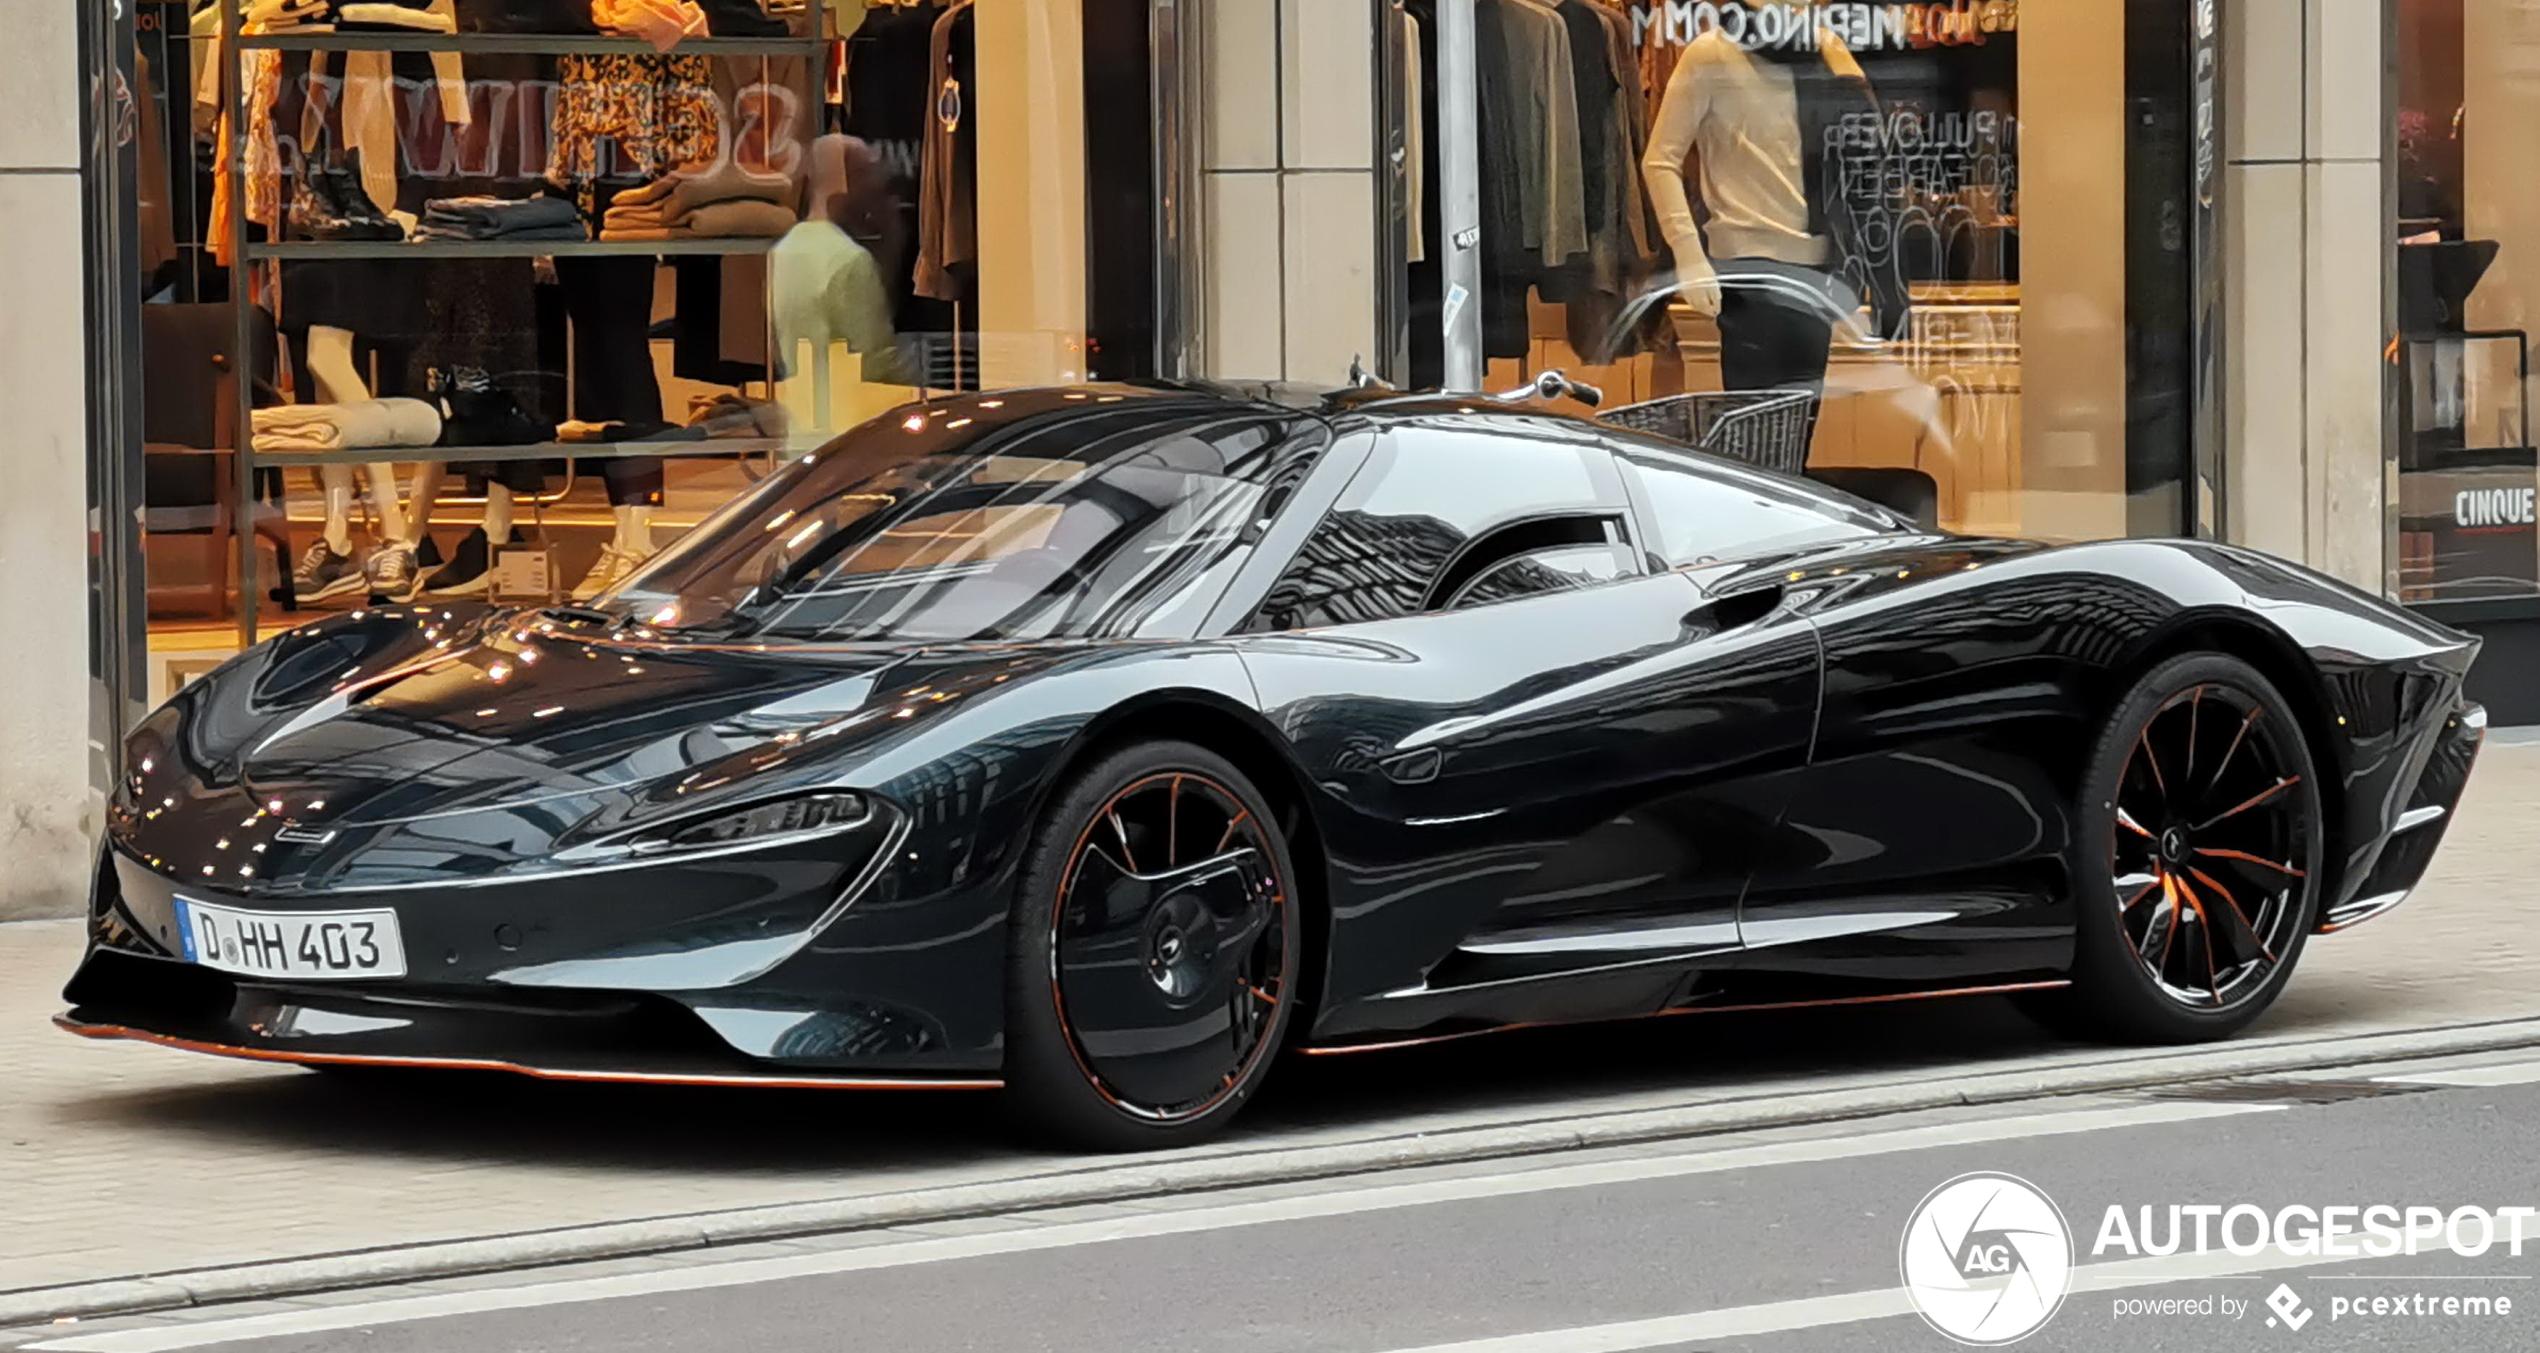 McLaren Speedtail shows up in Düsseldorf